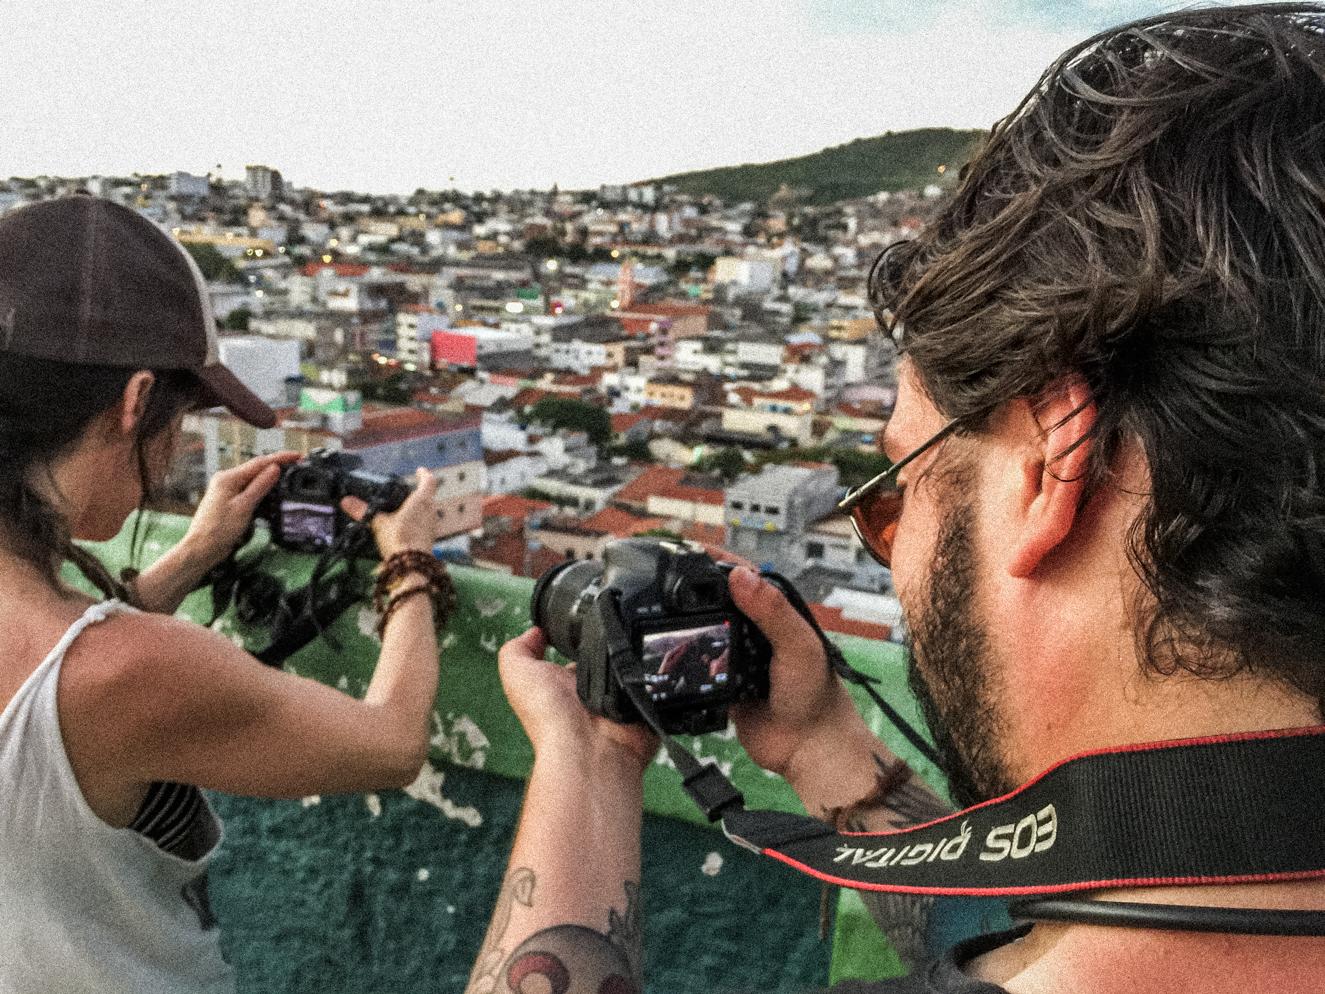 Vidéaste - Suivez-nous avec votre caméra pour capter tous les meilleurs moments de notre périple afin que nous puissions raconter toute l'histoire du projet via une vidéo «making of».